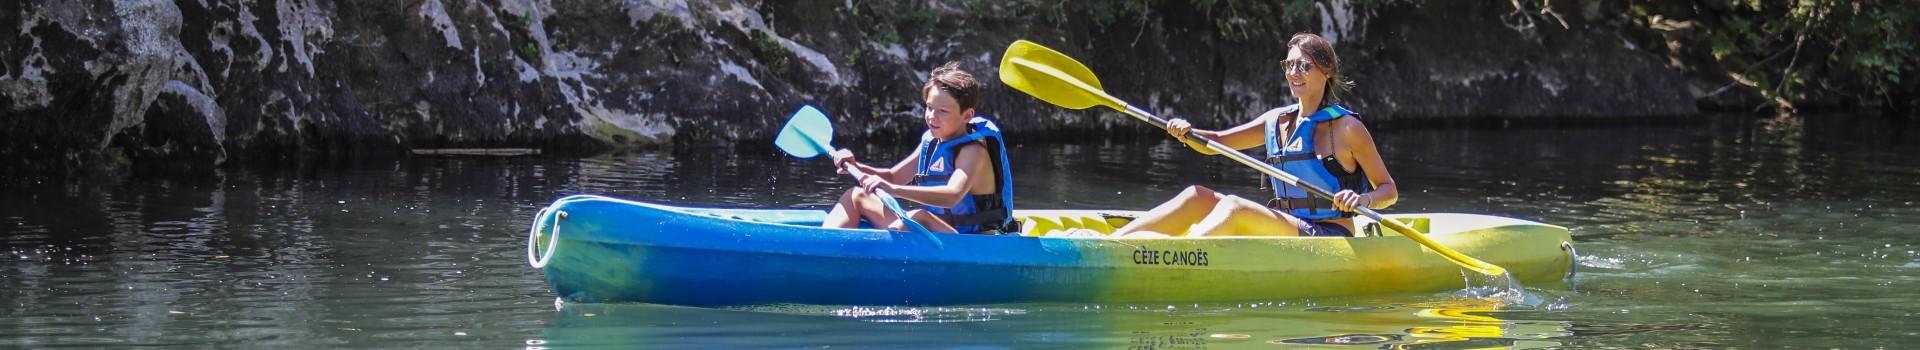 tetiere-canoe-activite-149